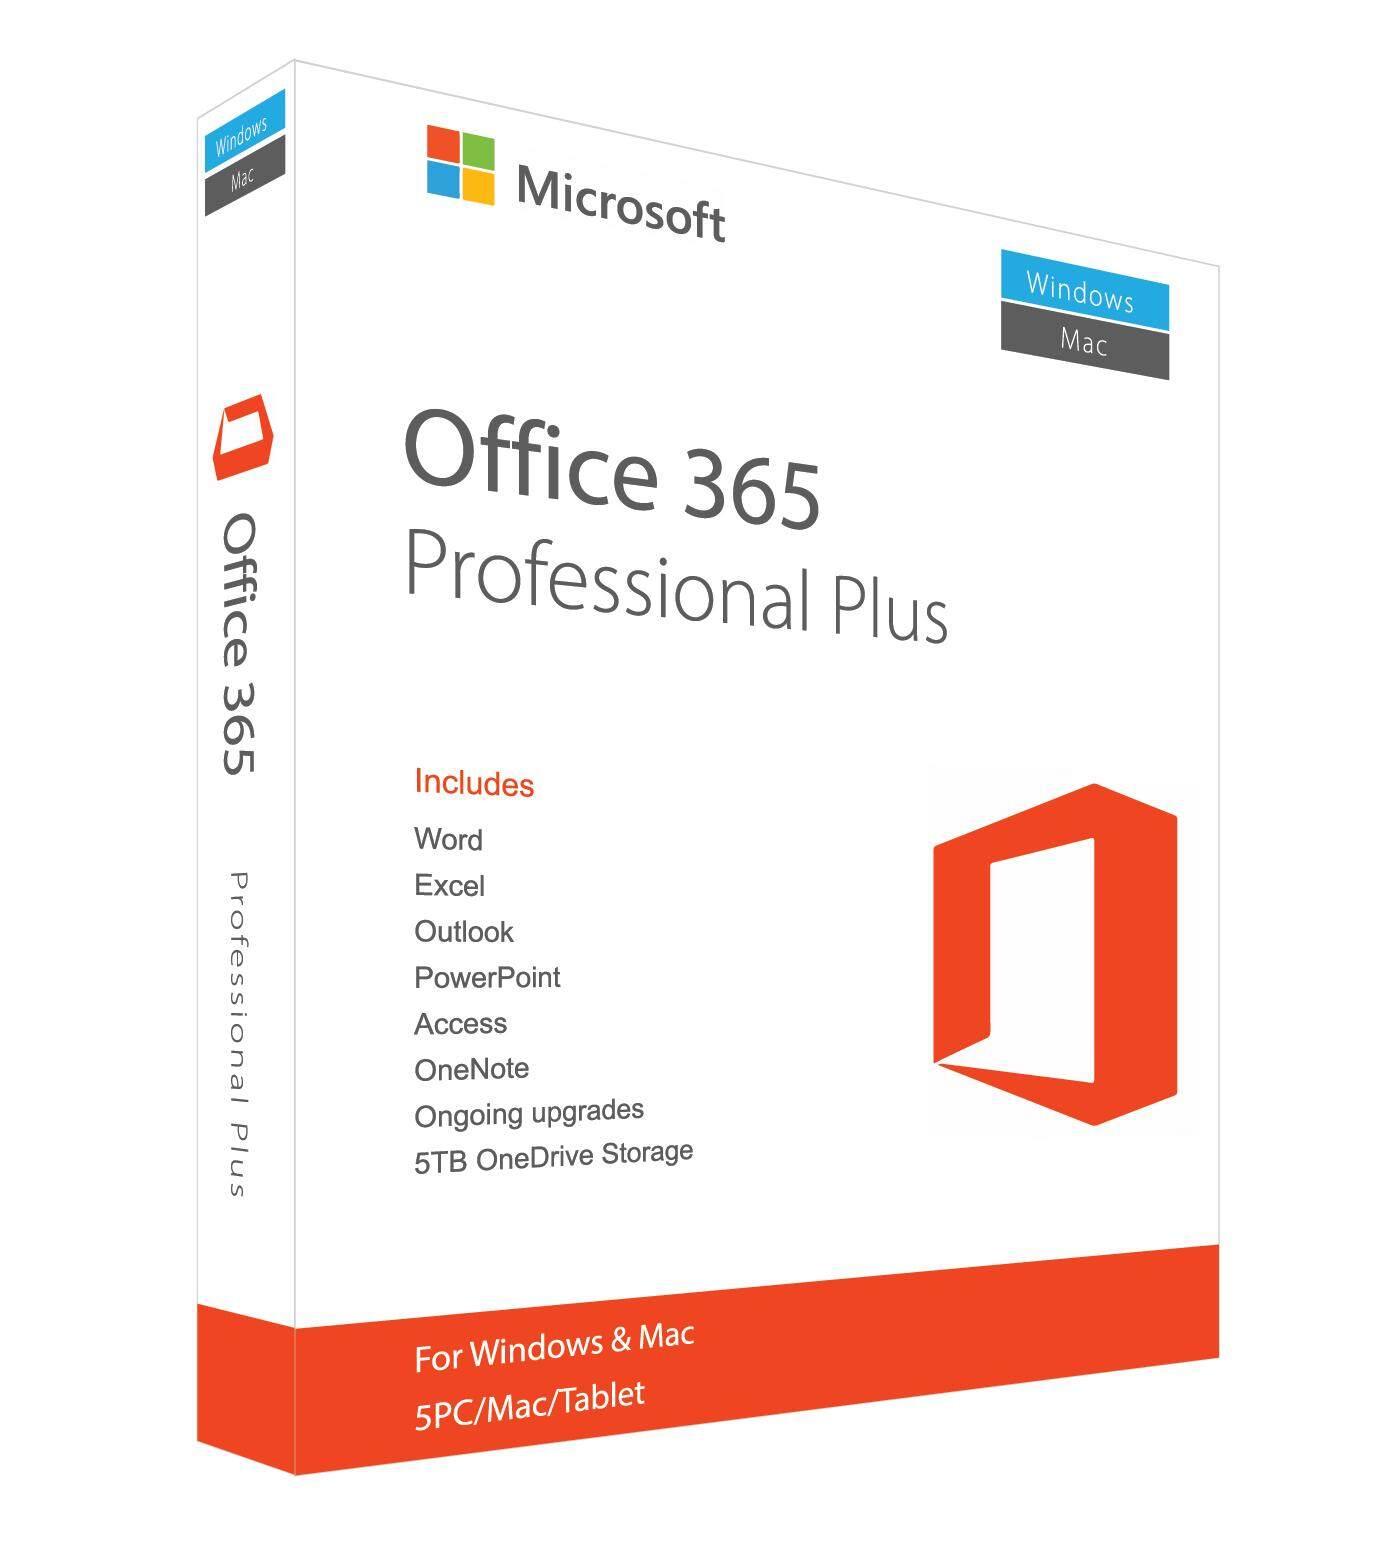 (แค่ส่ ในchat,ไม่ต้องจ่ายค่าส่งc) Microsoft Office 365 Pro Plus ติดตั้งได้15เครื่อง100%ของแท้สามารถอัปเดตและใช้งานตลอดเวลา(iphone Ipad Mac Pcandroid Ios)1c โปรแกรมคอม.